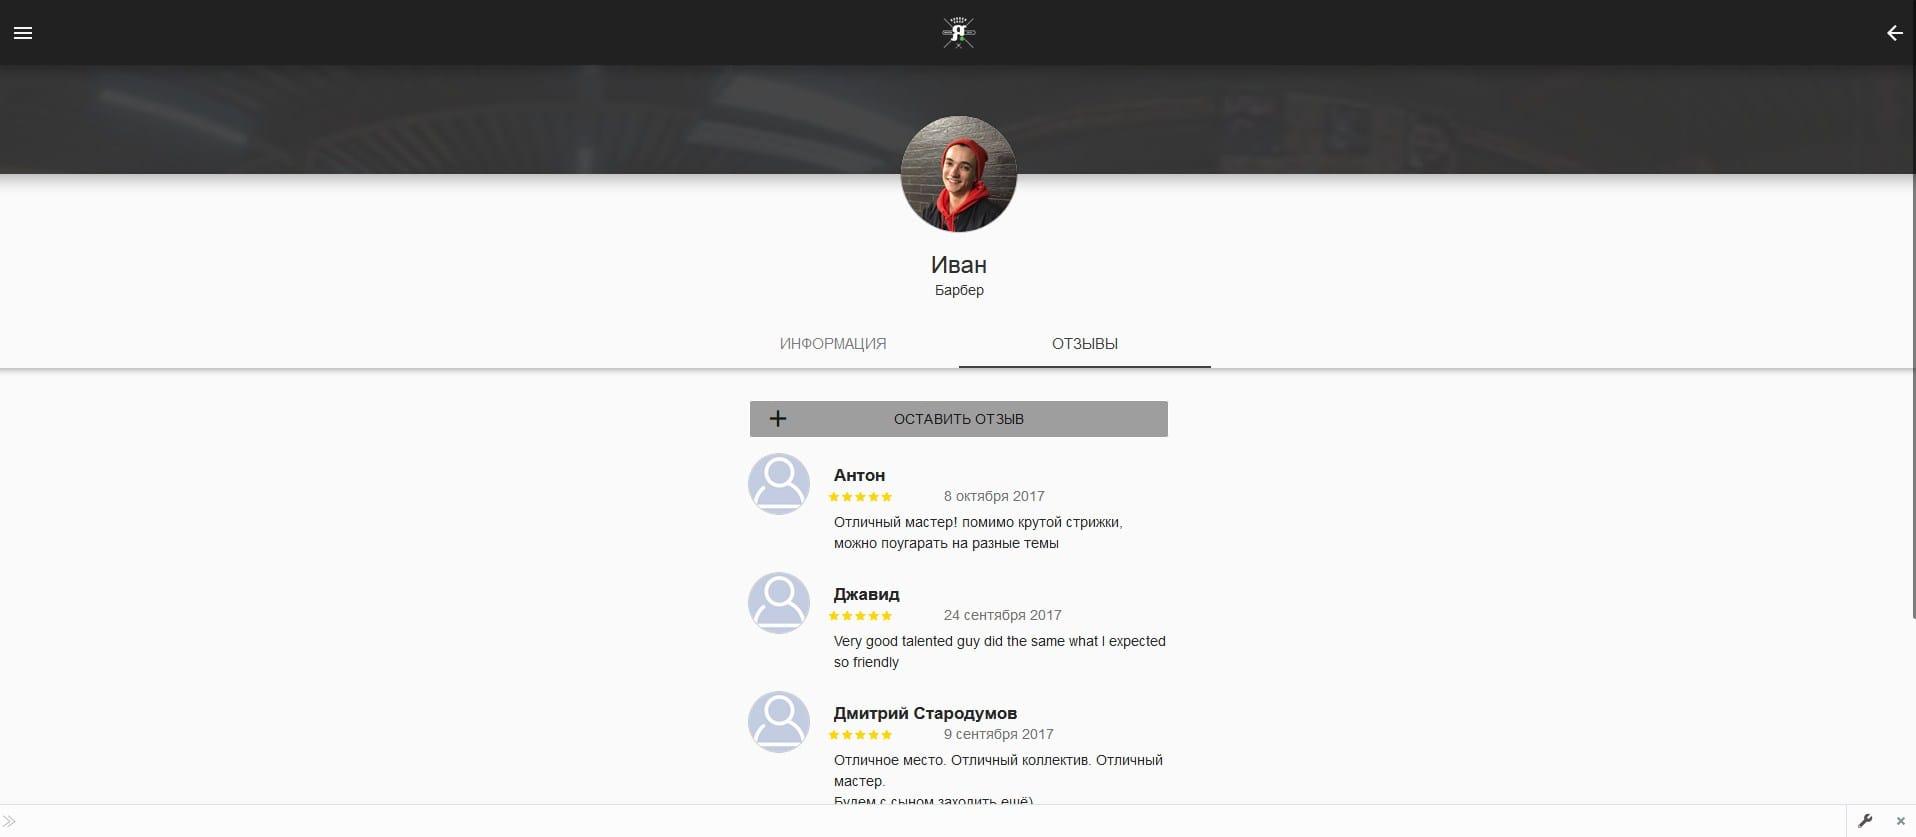 Отзывы о барбере Иване